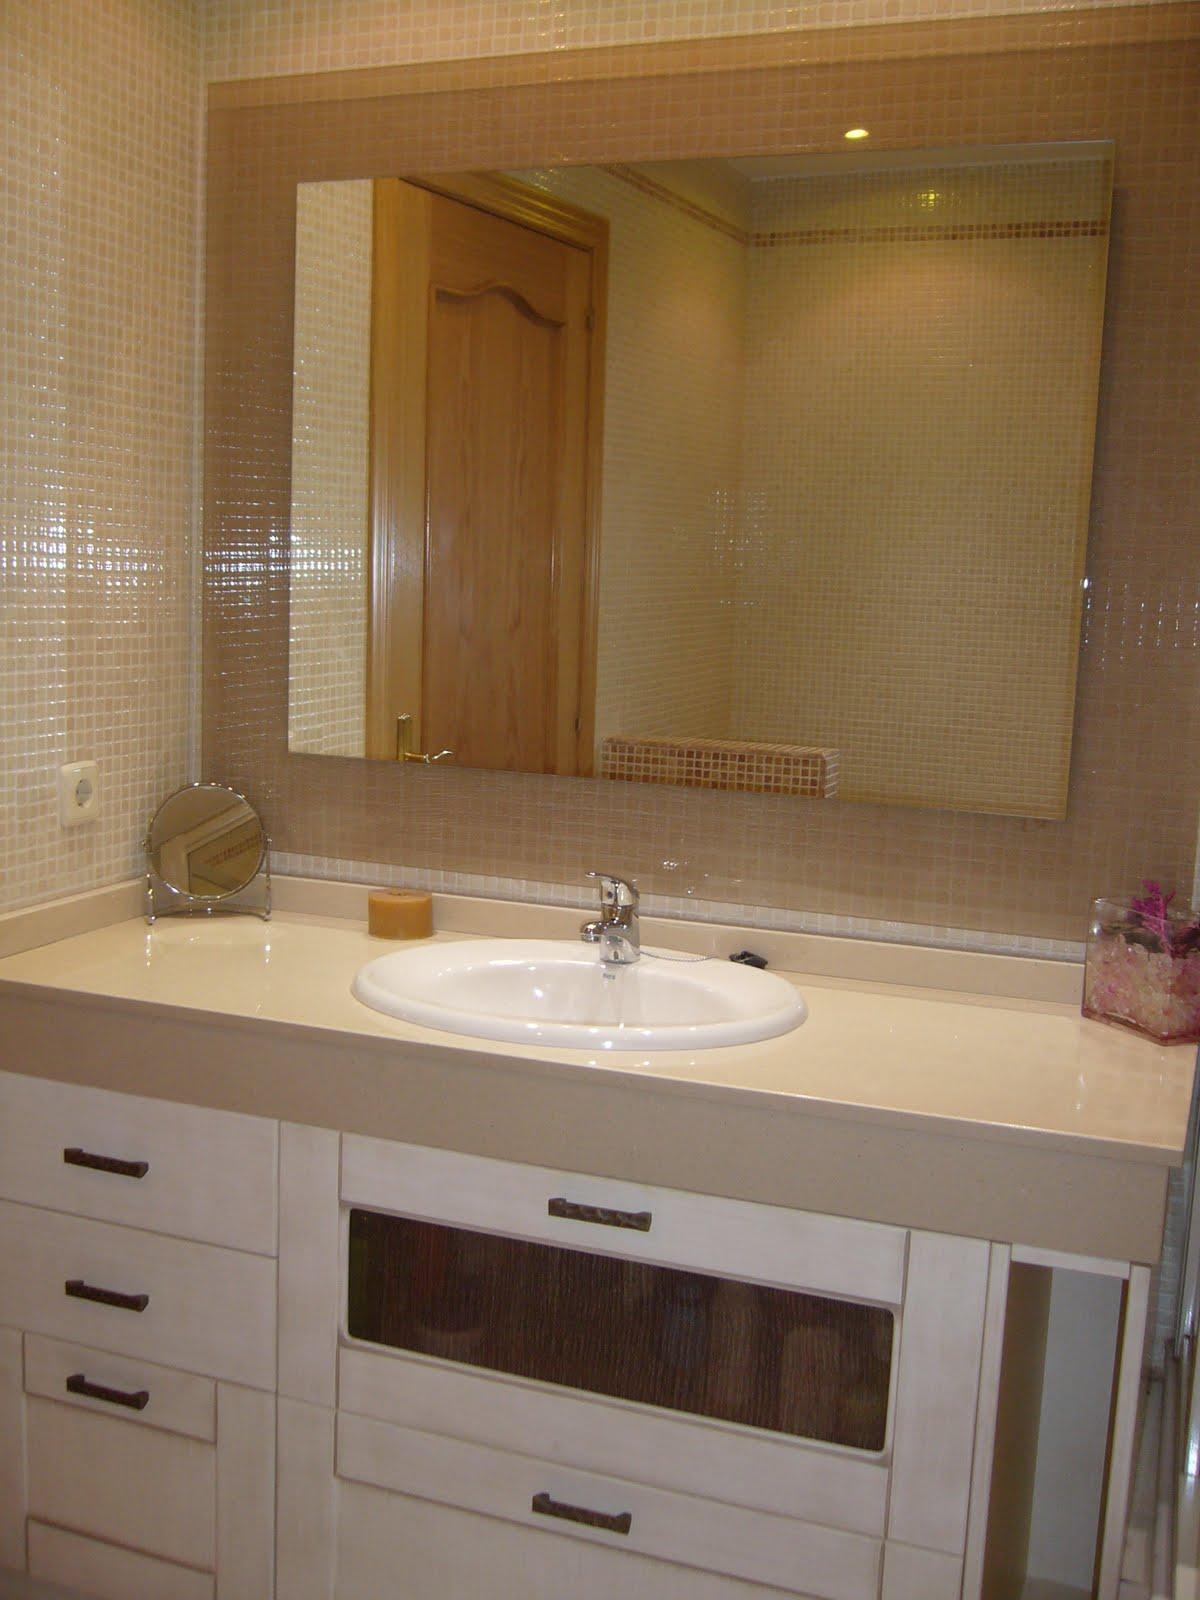 Baños Diseno Muebles:Carpinteria MAyTO Decoracion: Nuevos Diseños En Muebles De Baño